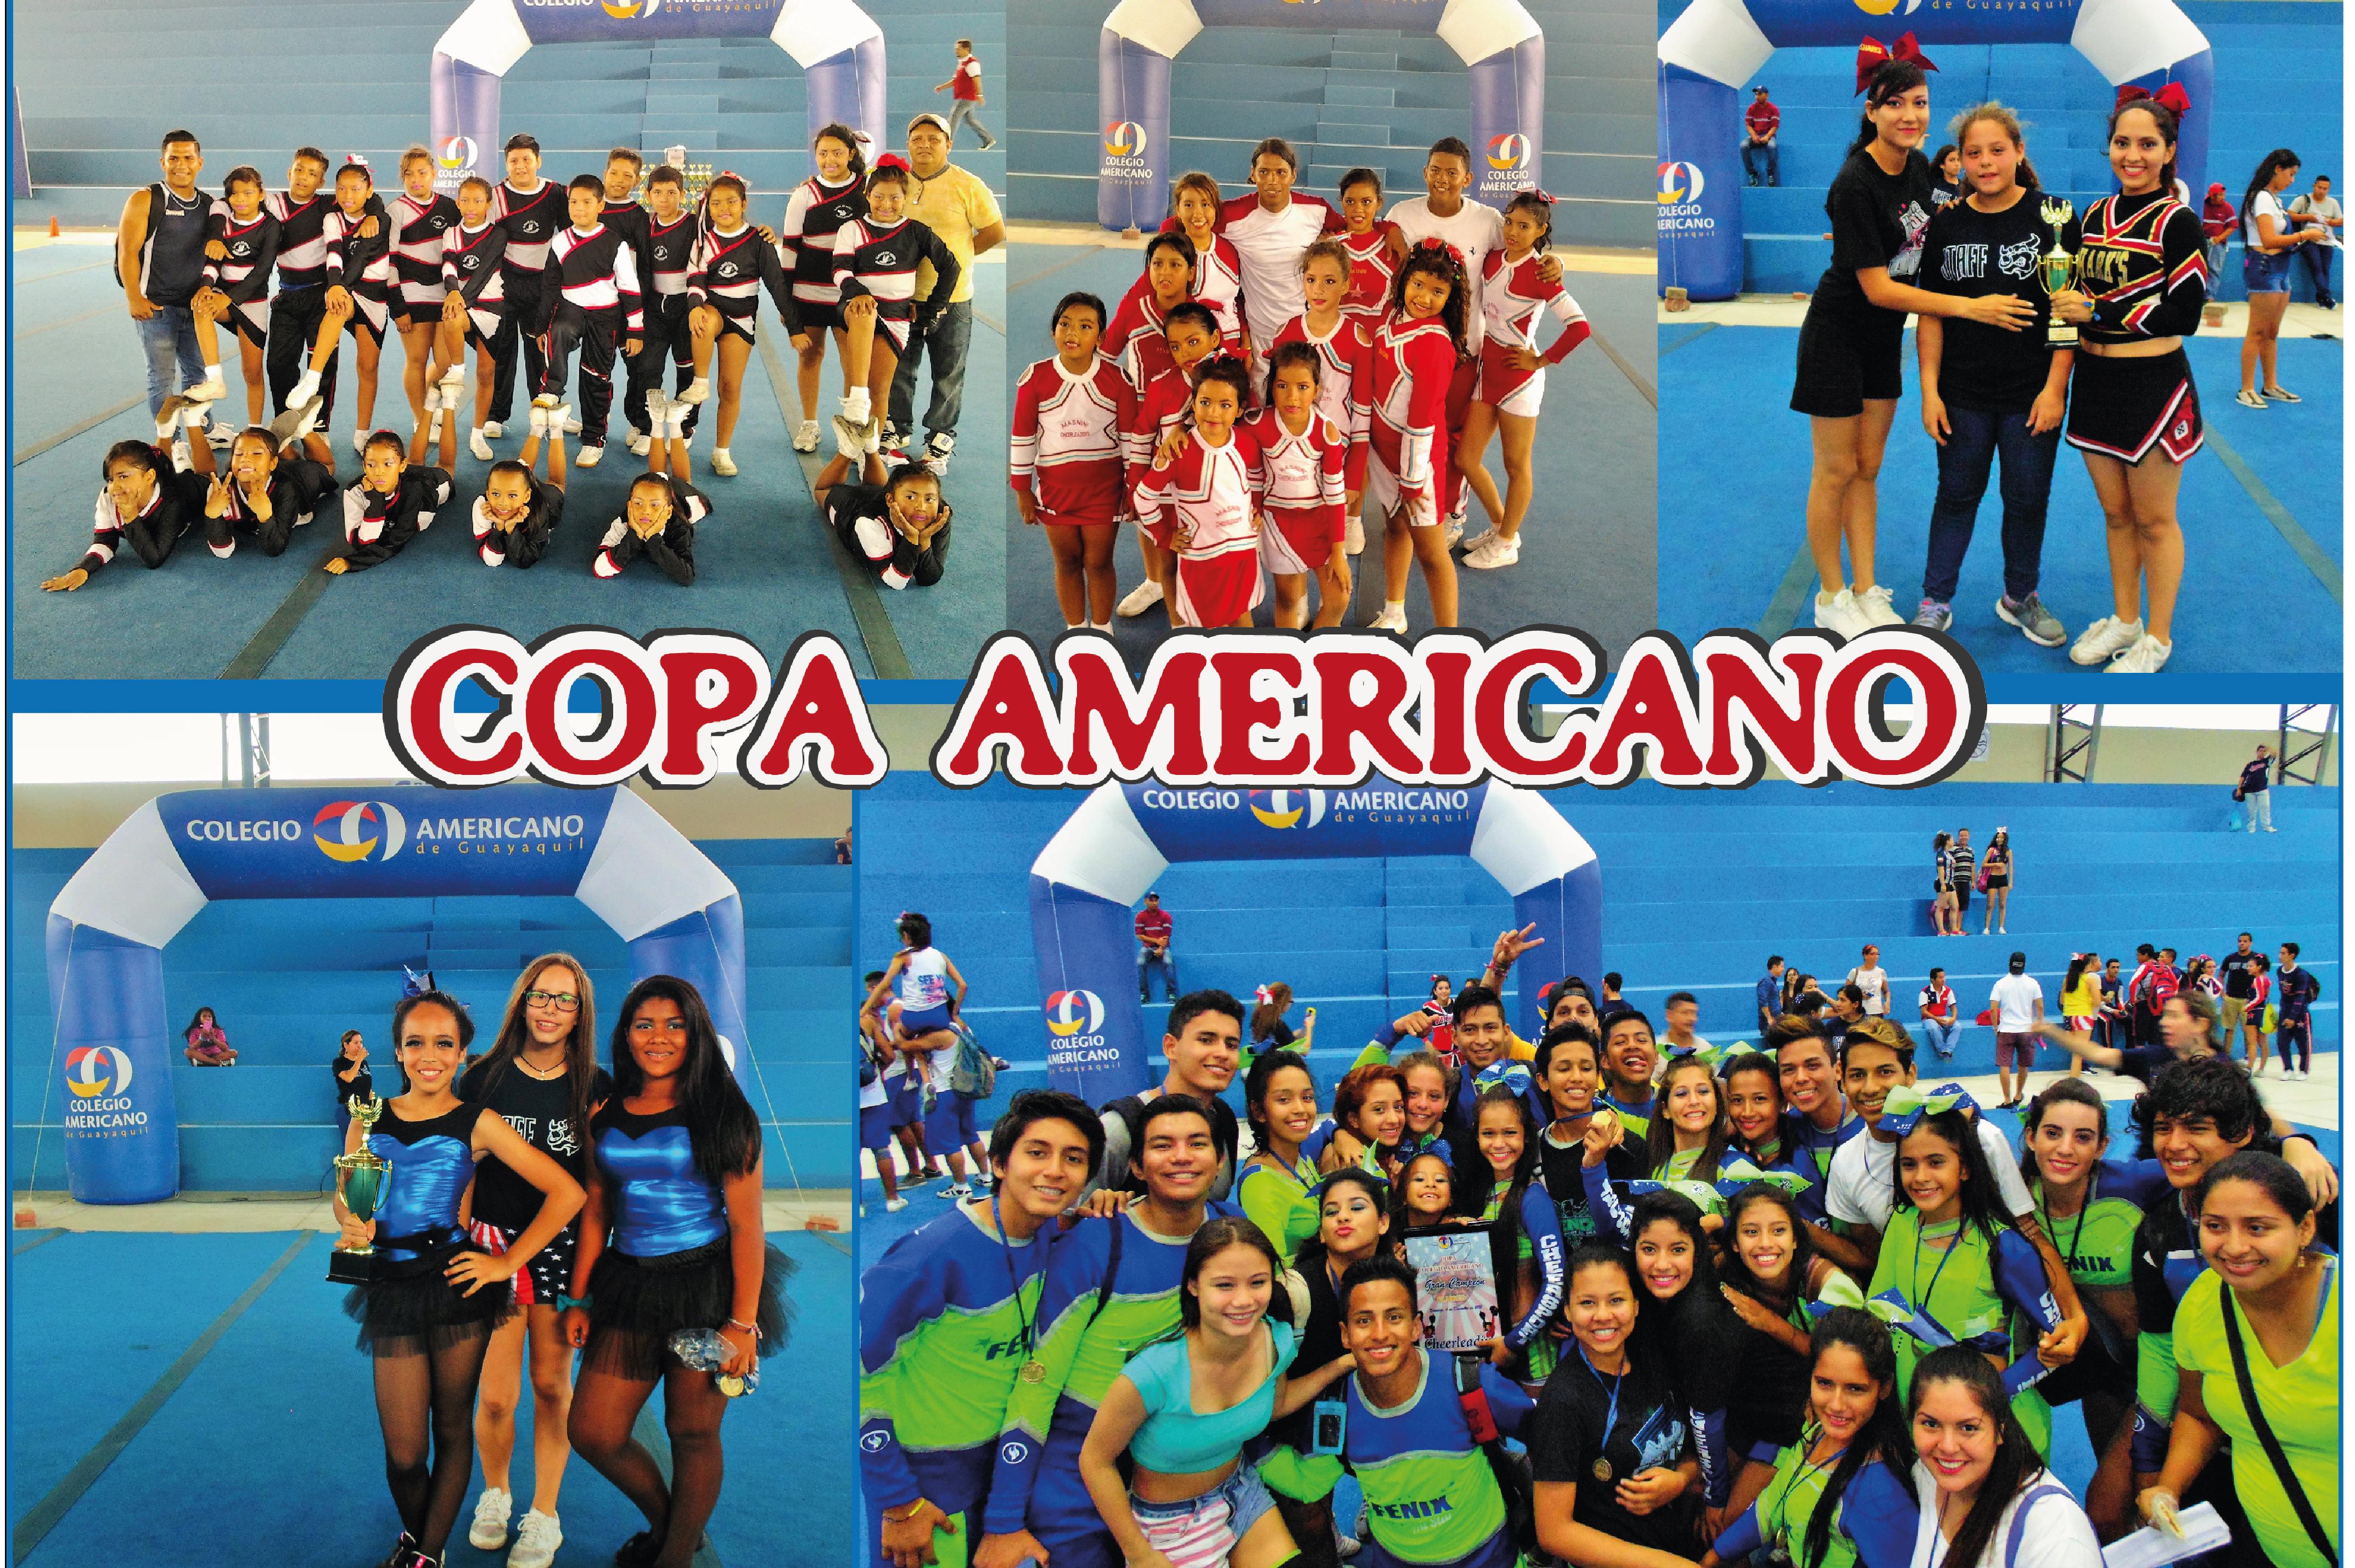 copa americano-04